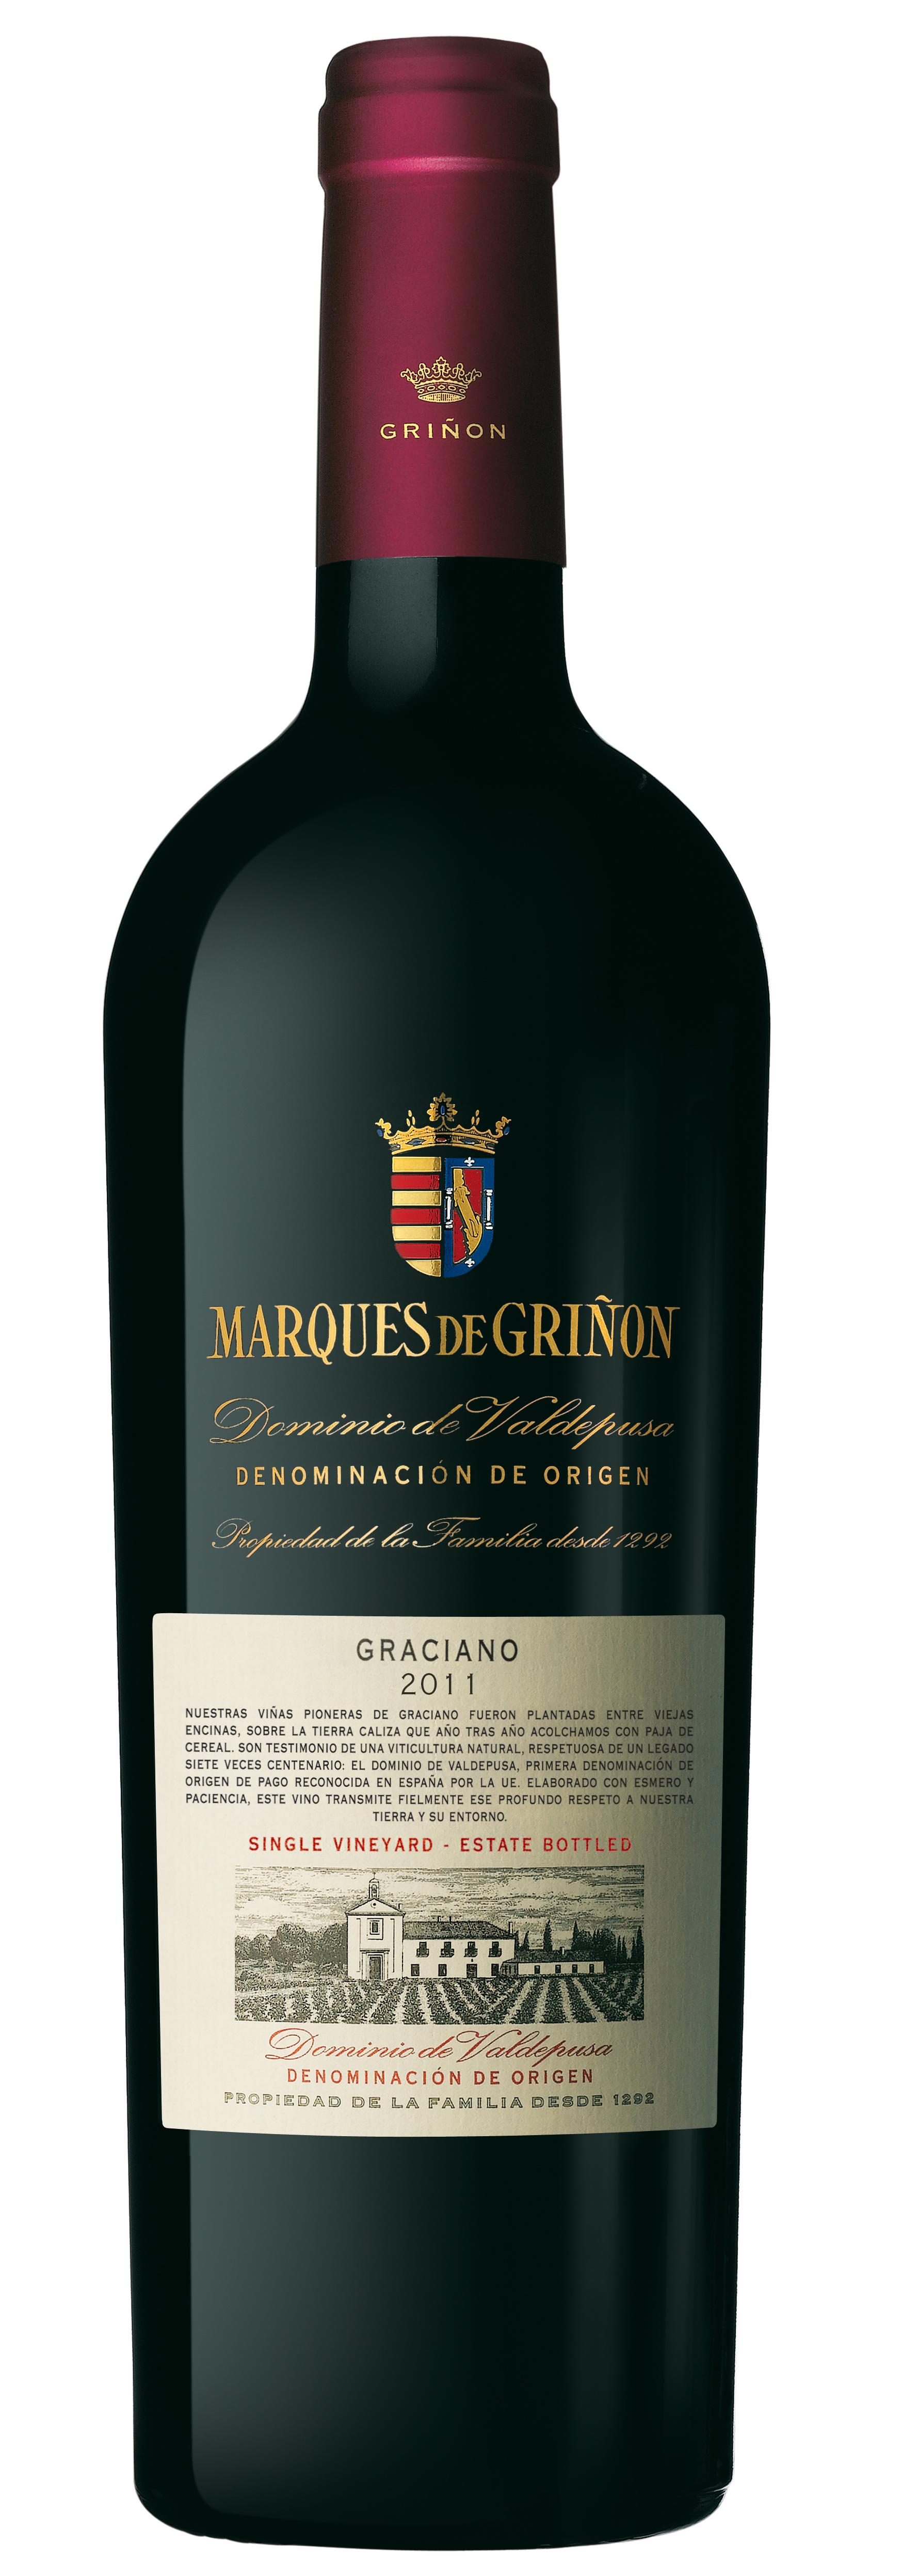 Marques de Griñón Graciano 2012